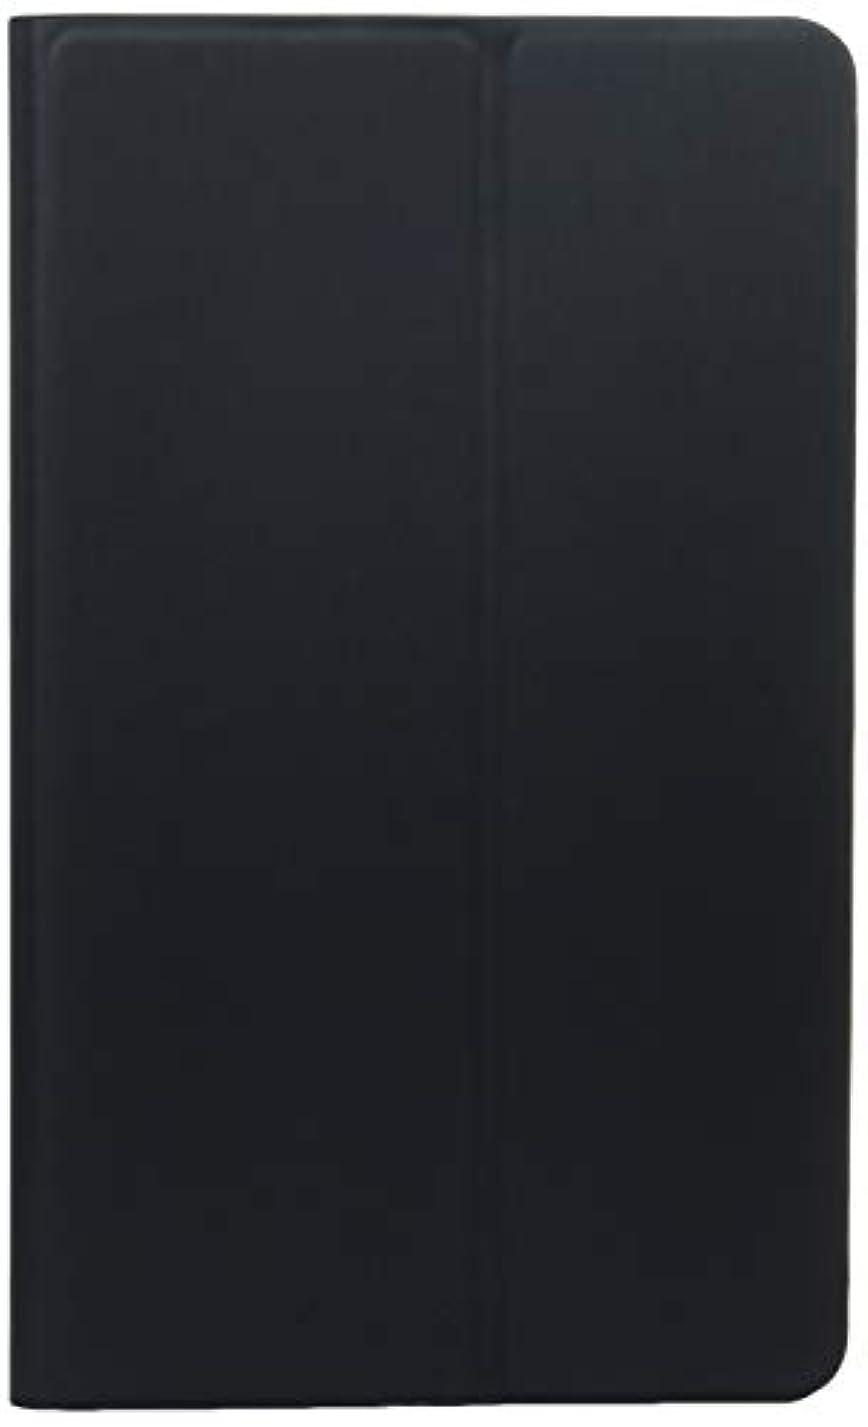 ポルノ水平漂流レイ?アウト SC-03G GALAXY Tab S 8.4 フラップレザージャケット(合皮) ブラック RT-GTABS8LC1/B